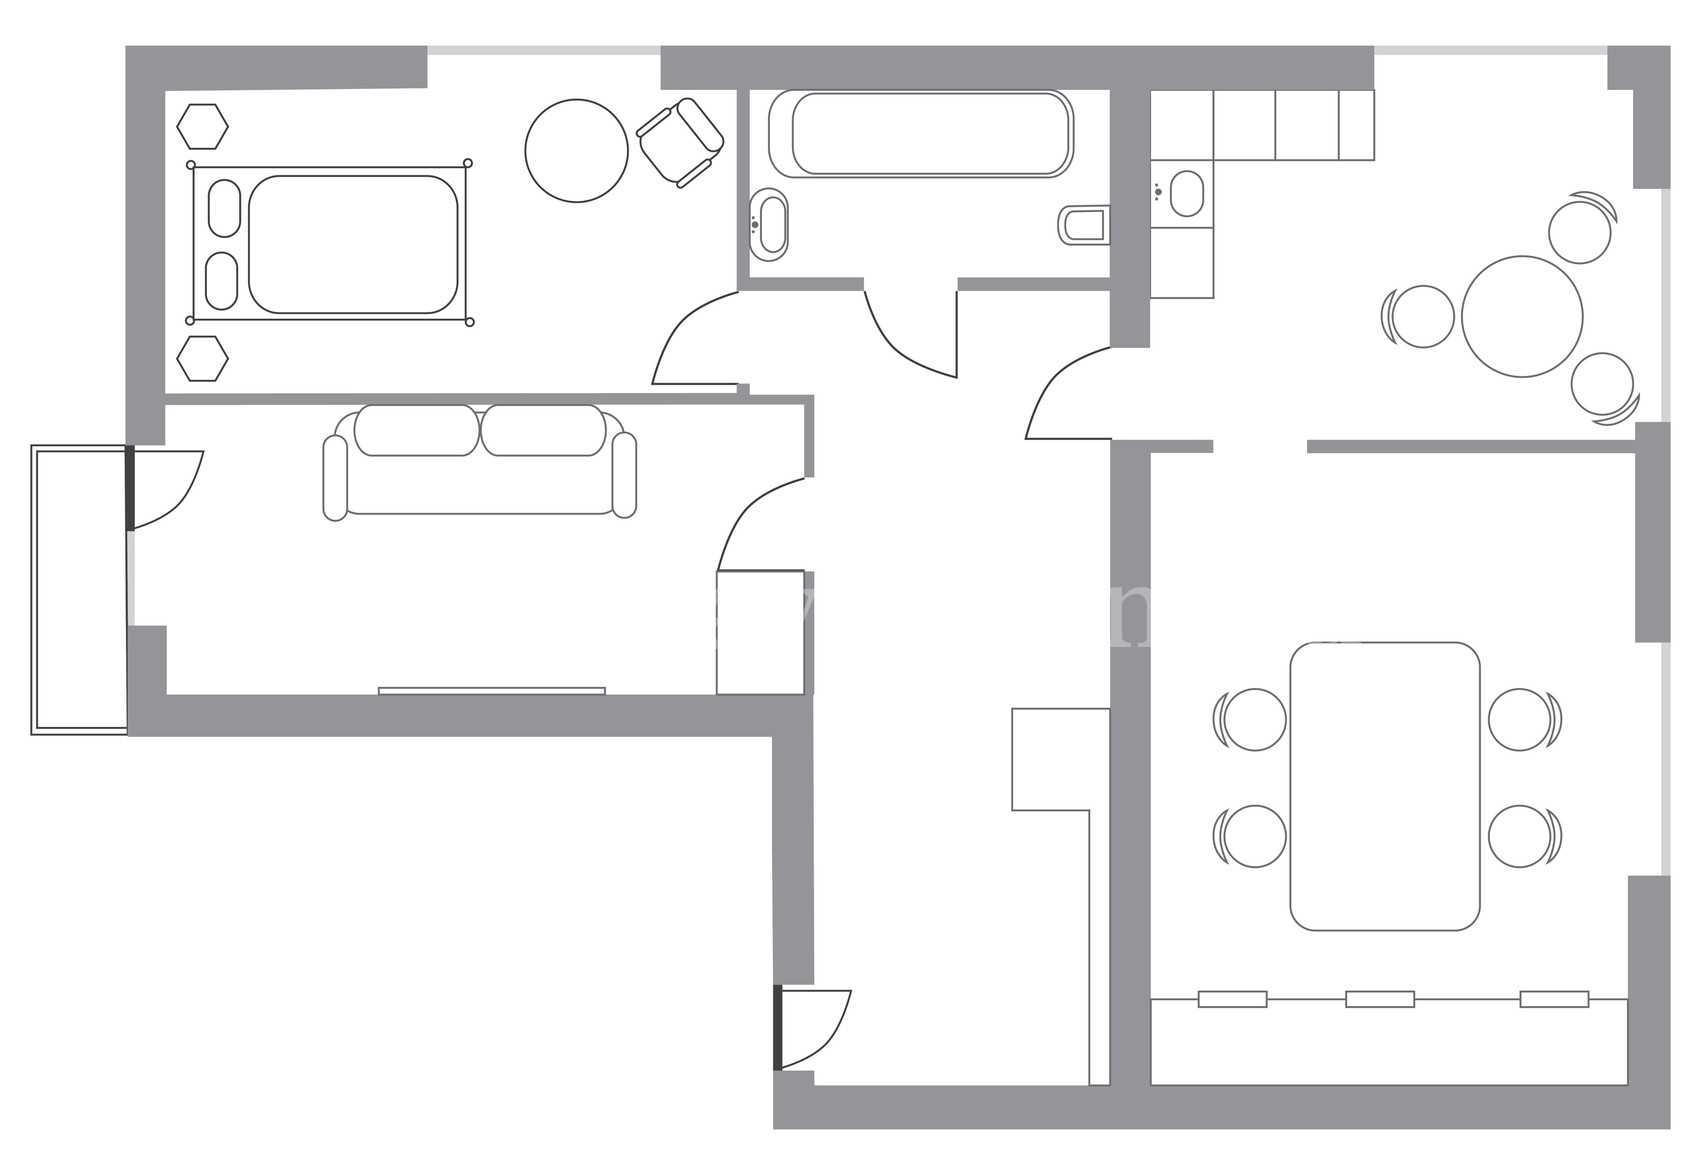 проект г образного одноэтажного дома